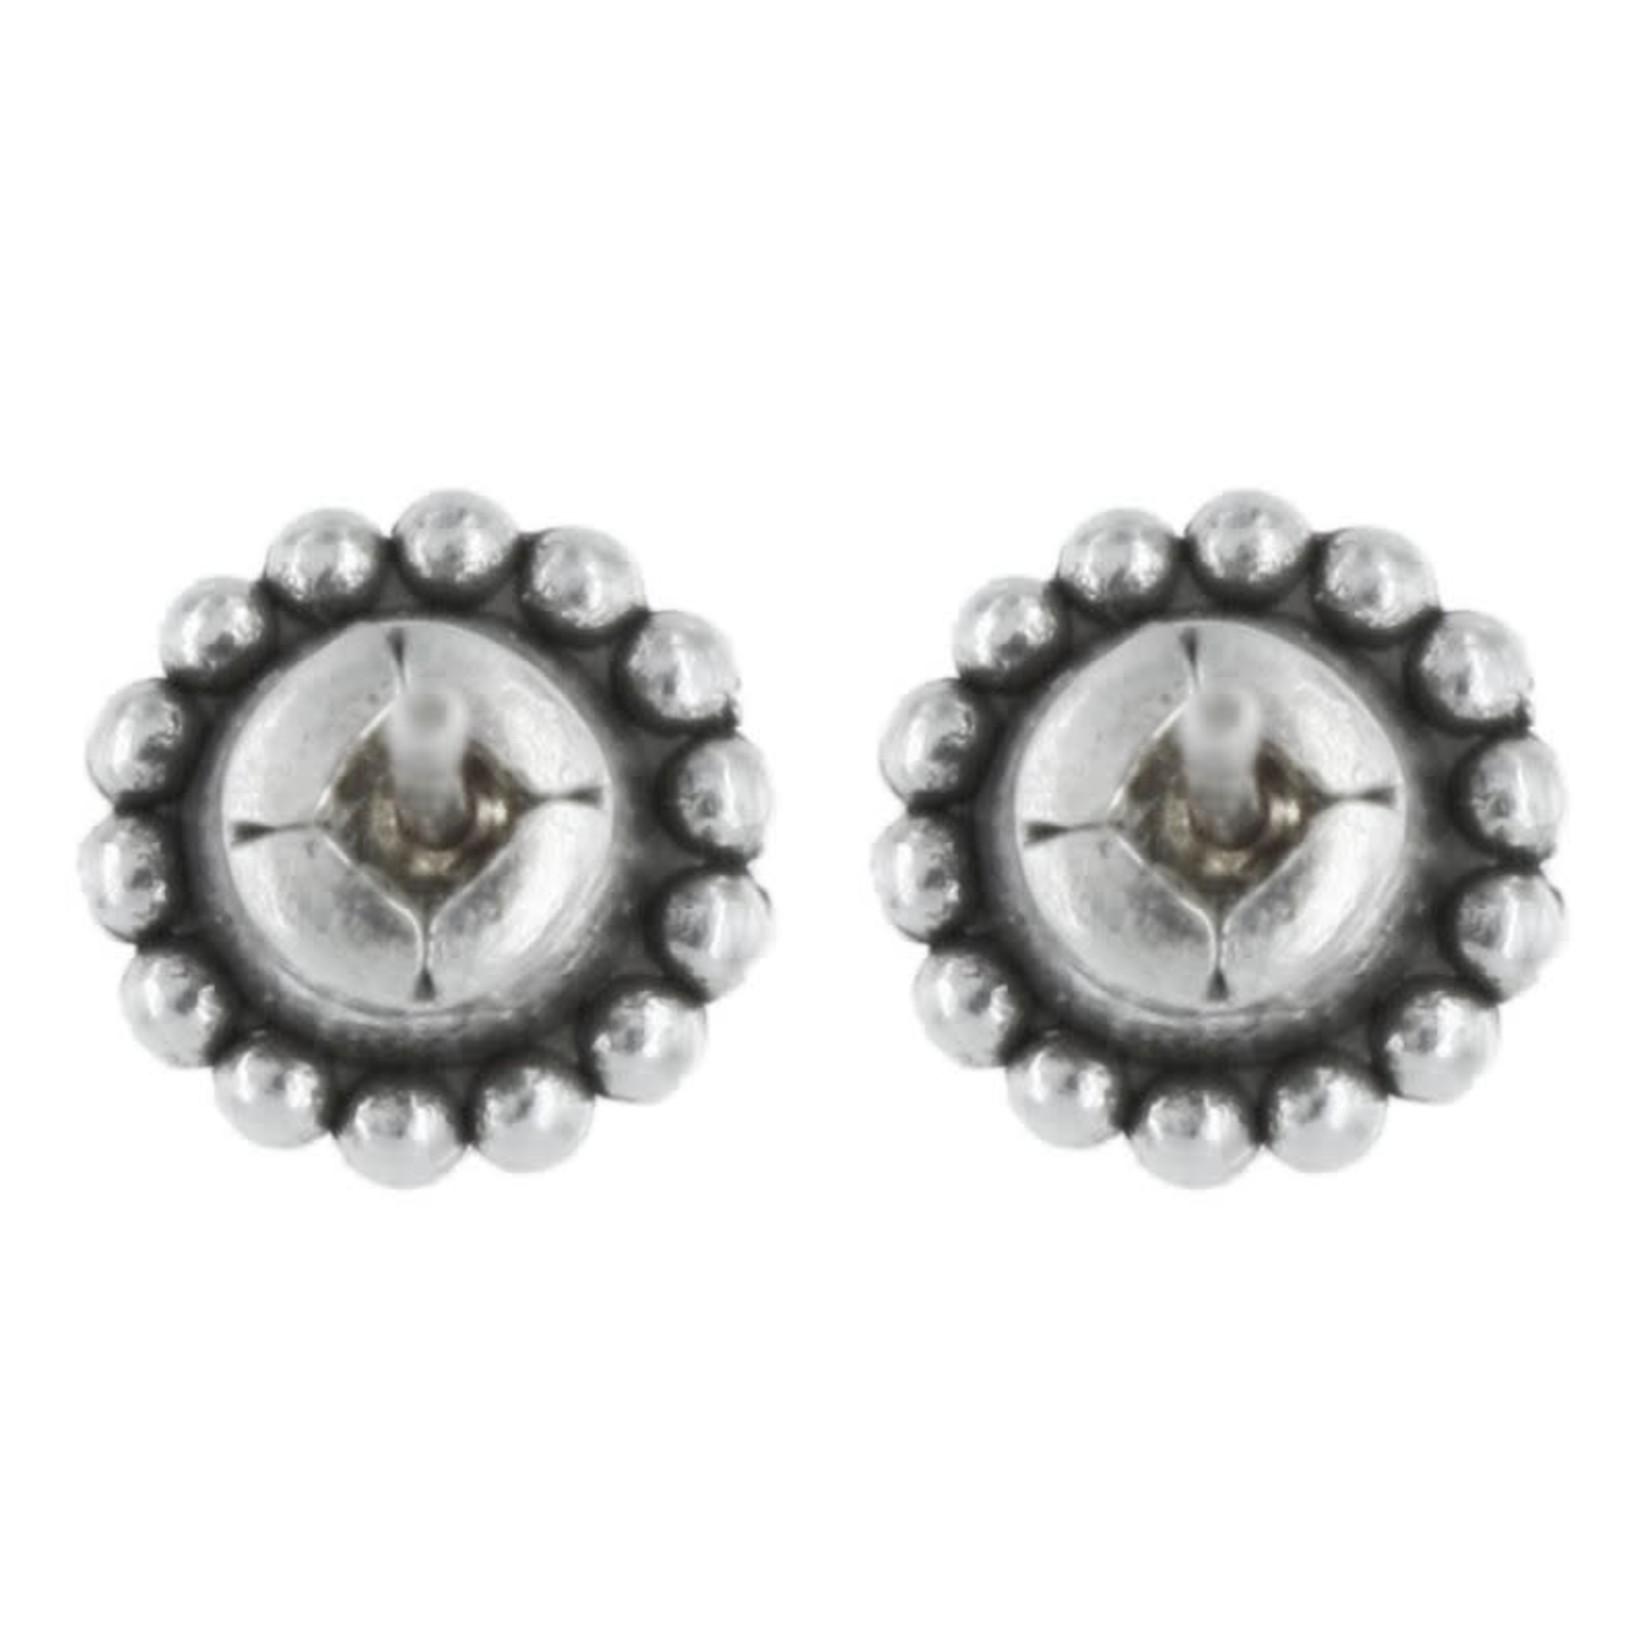 Brighton J20493 Black Twinkle Mini Post Earrings